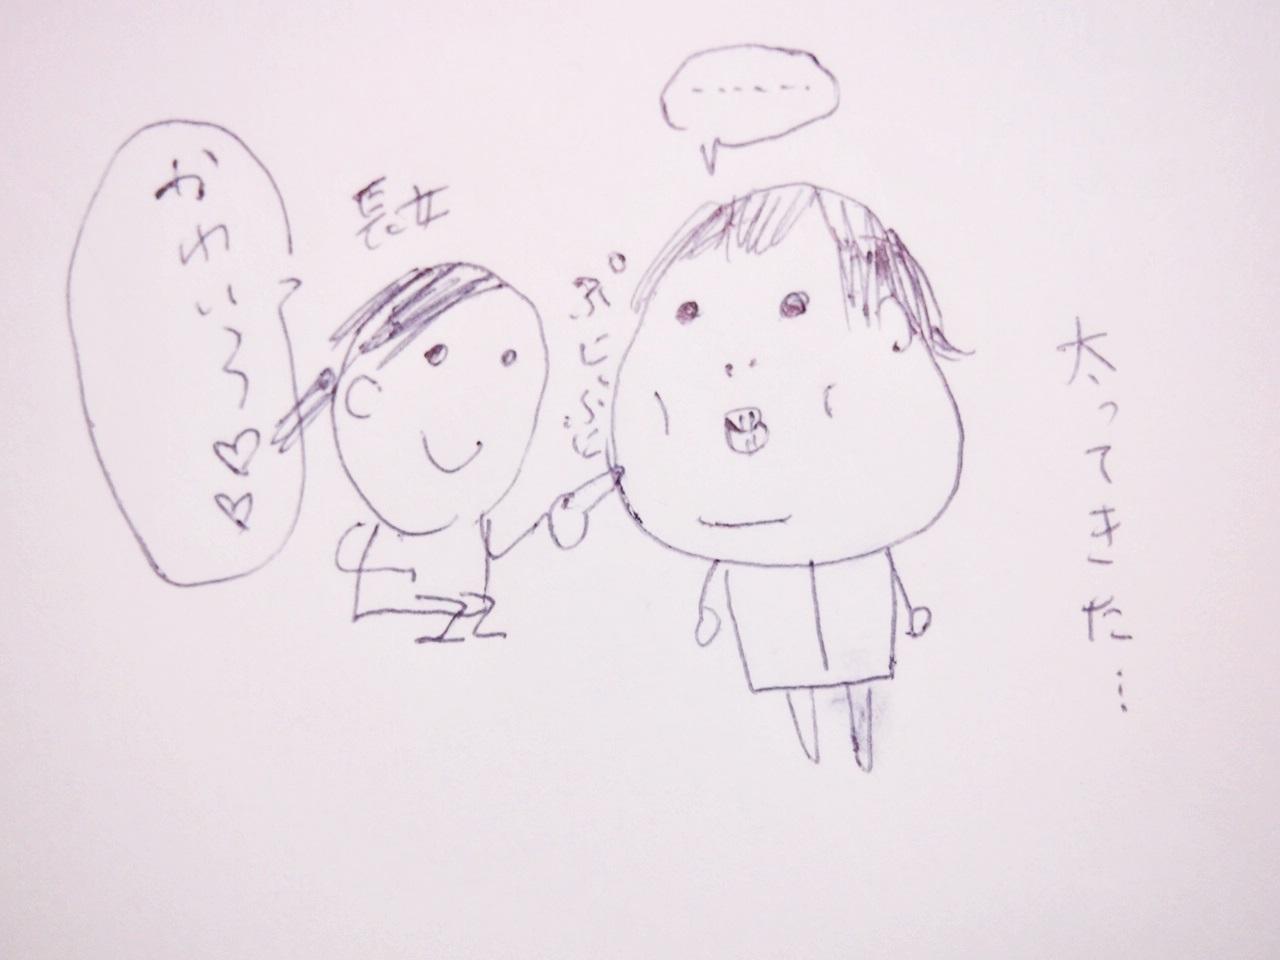 イラスト「ぷにぷに」